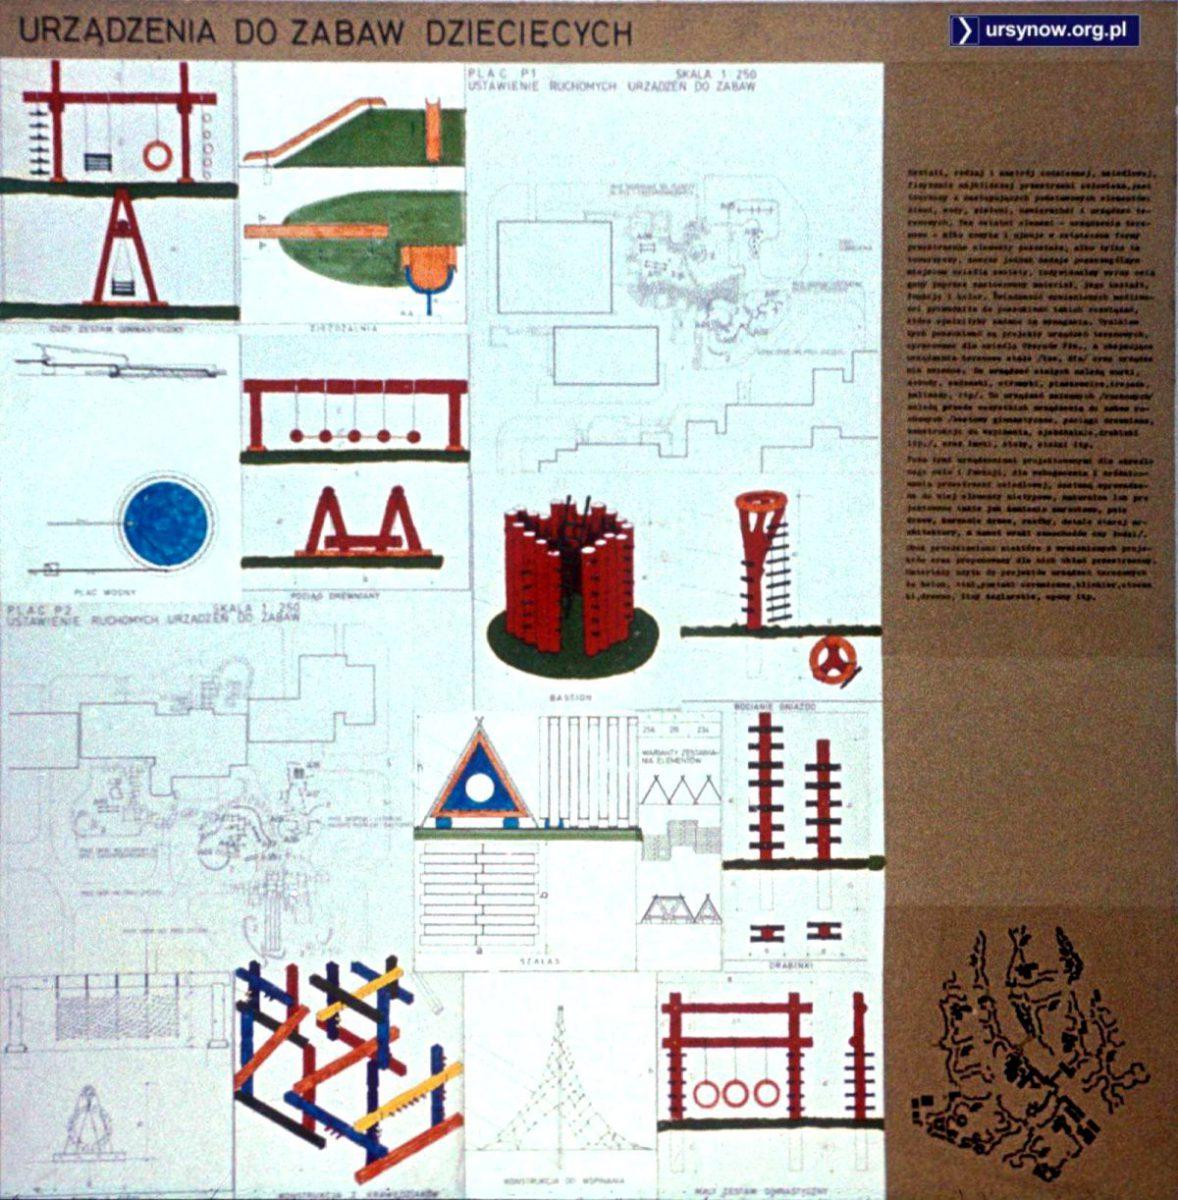 """Oryginalny ursynowski projekt drewnianych placów zabaw. Czy ktoś gdzieś widział zestaw """"Bastion"""" oraz trzy kółka podwieszone pod poprzeczką? Ze zbiorów Włodzimierza Witaszewskiego."""